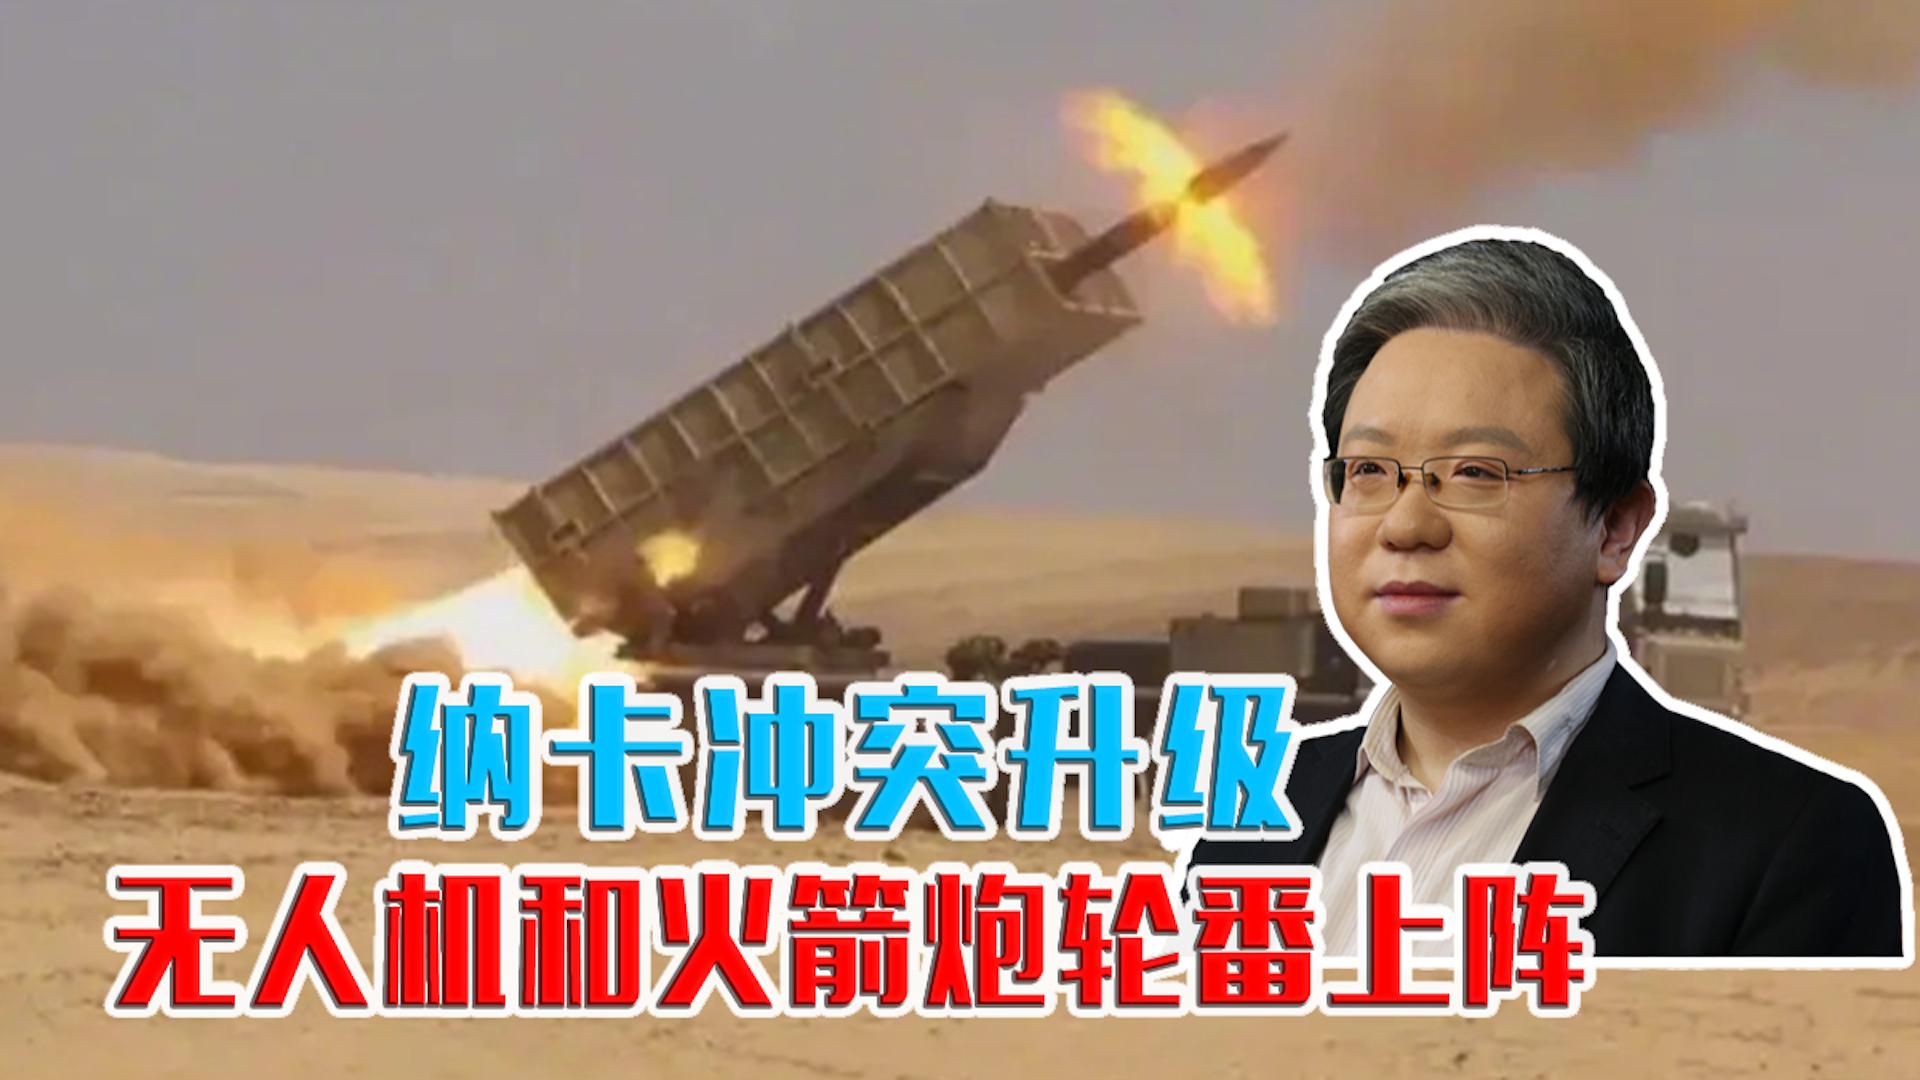 纳卡冲突升级,无人机和火箭炮轮番上阵,会刺激全球军贸市场吗?